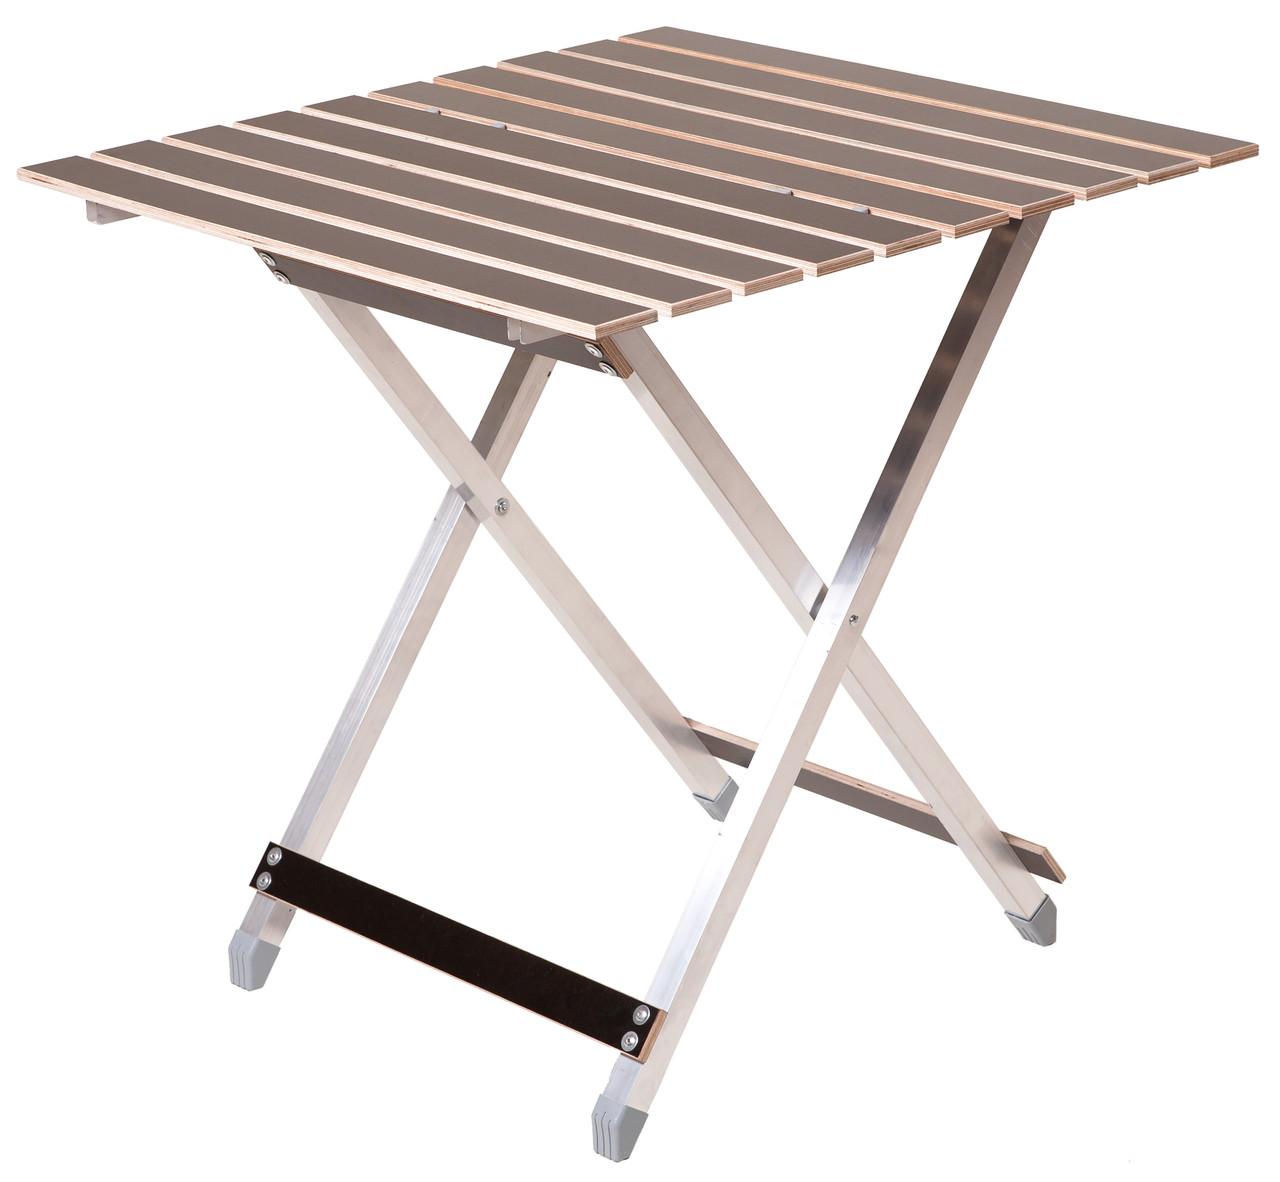 Туристичний складаний стіл 65,5 см алюмінієвий (алюмінієвий складний туристичний стіл)